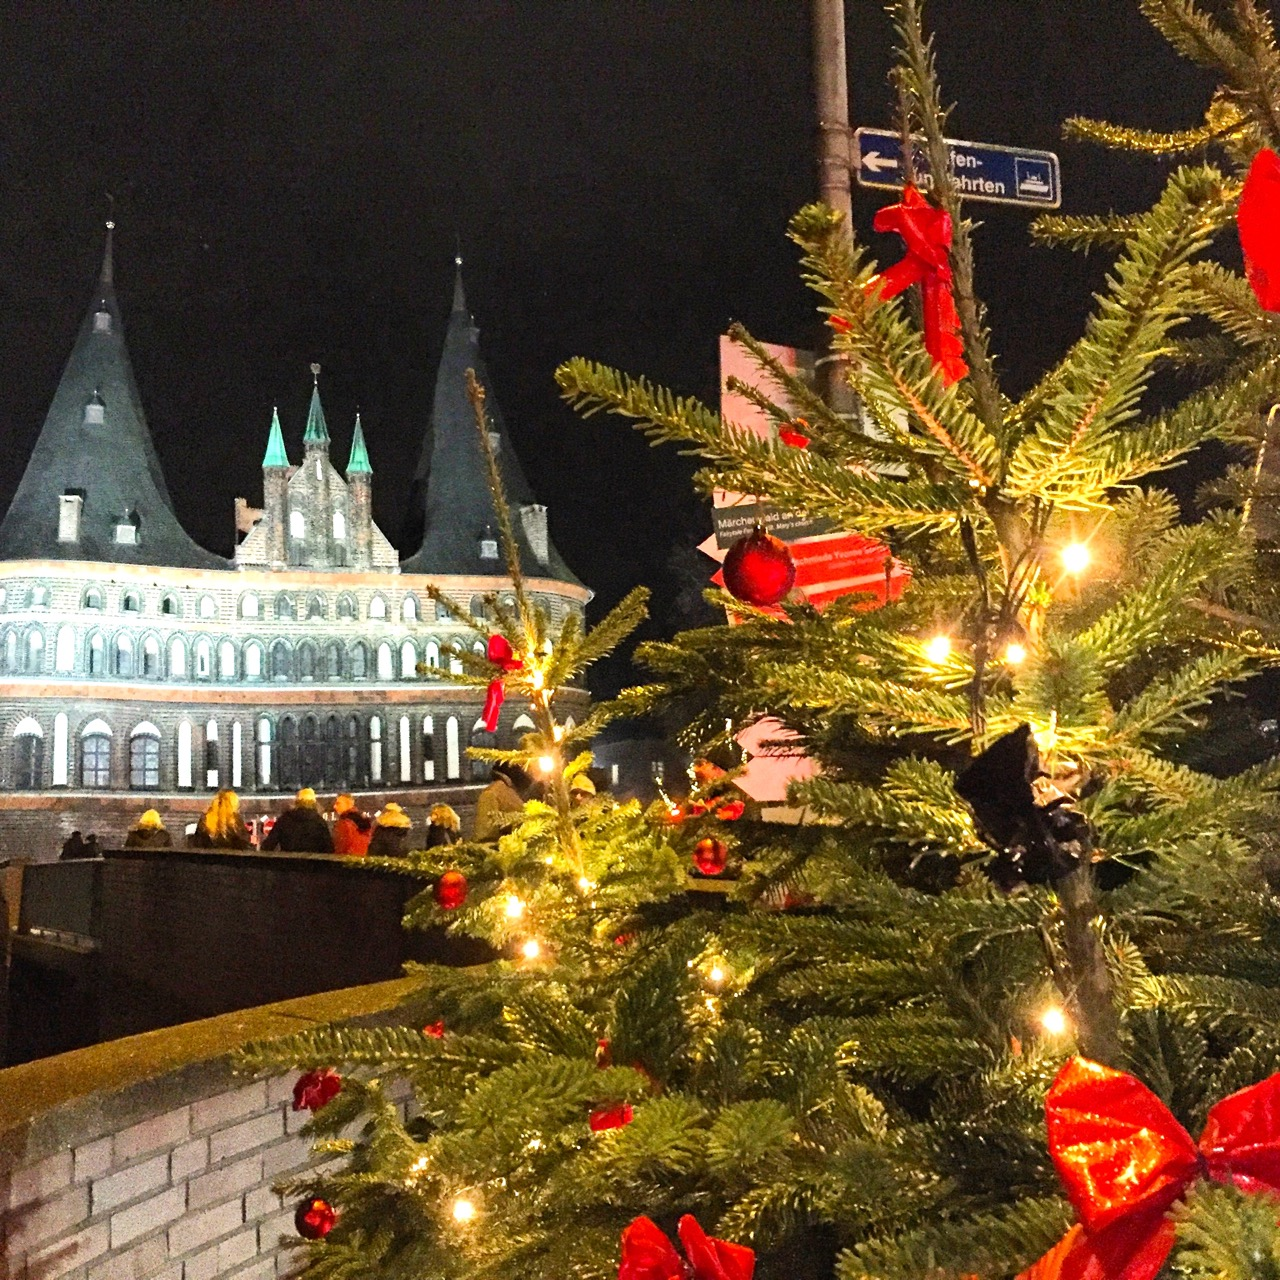 Luebeck Weihnachtsmarkt